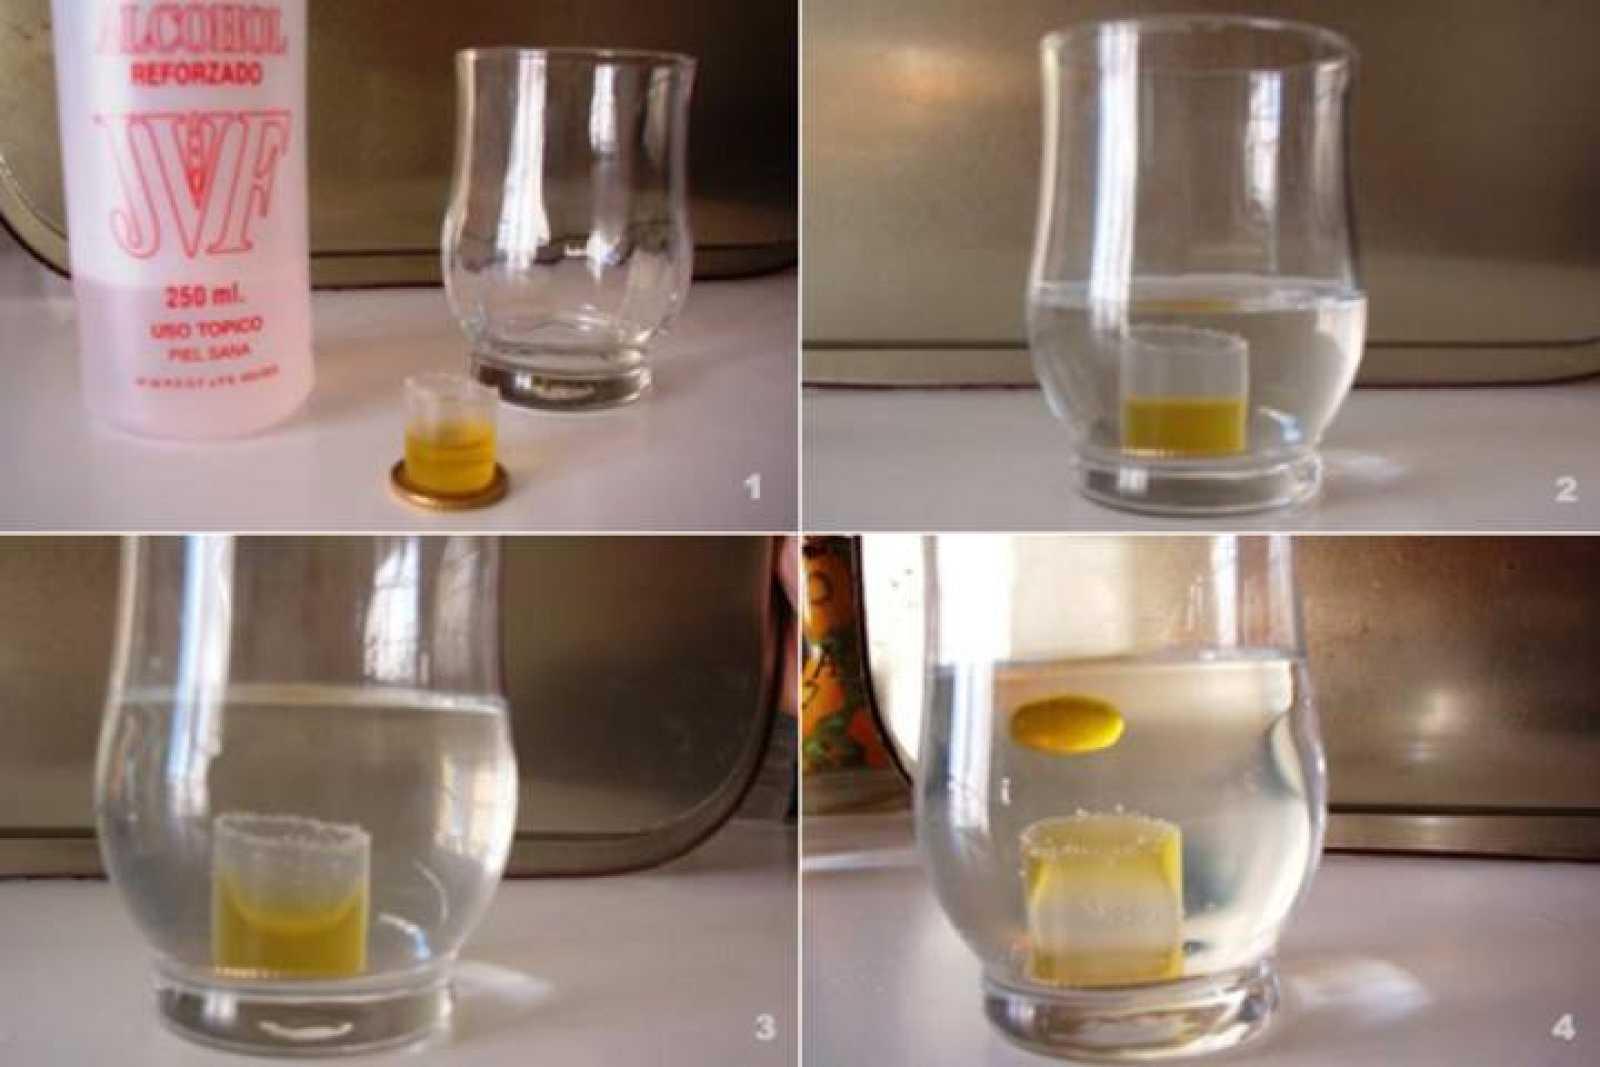 que pasa si se mezcla drinkable y aceite